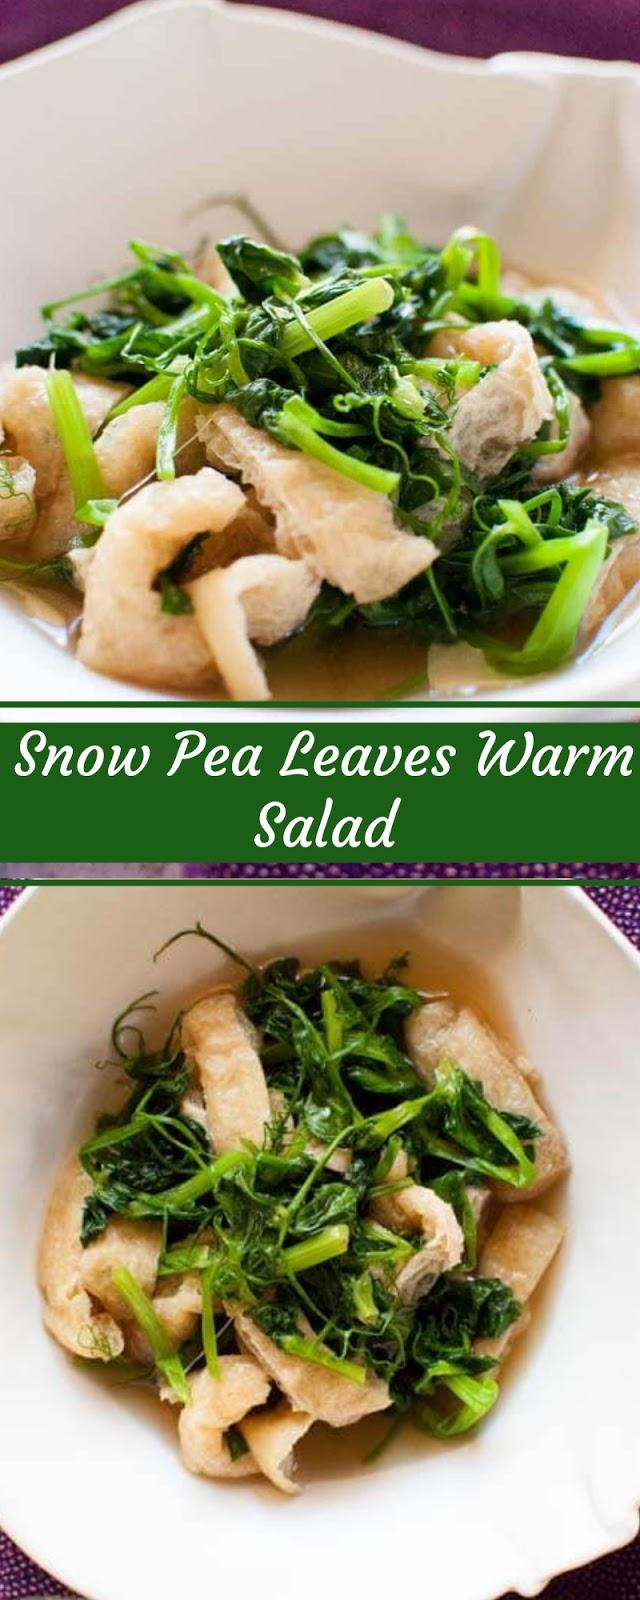 Snow Pea Leaves Warm Salad